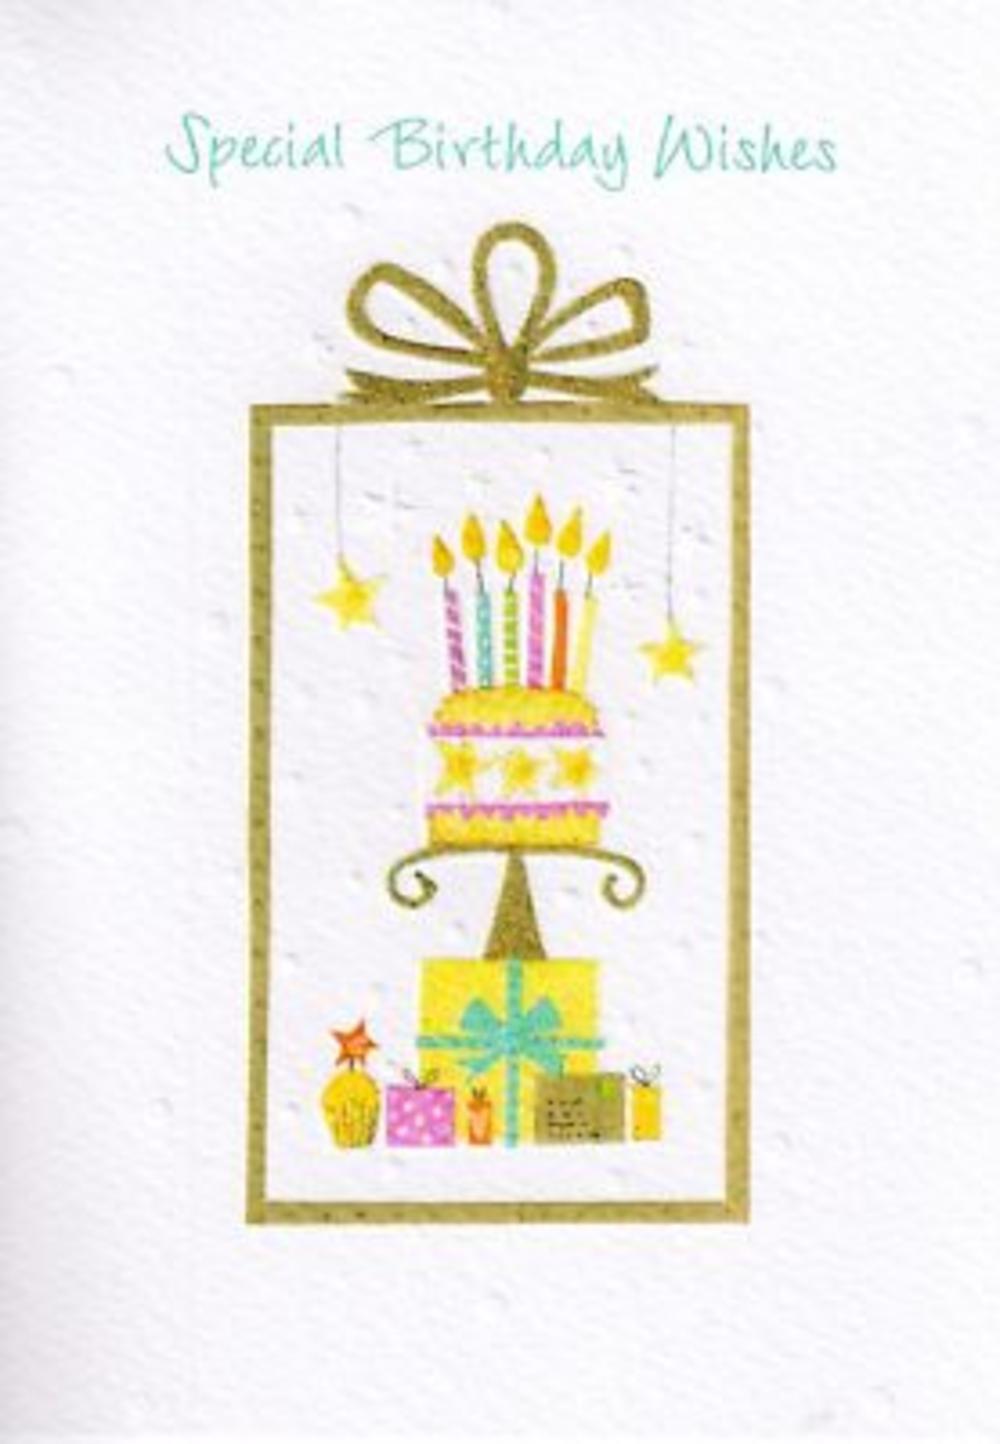 Glittered Female Cake Birthday Card